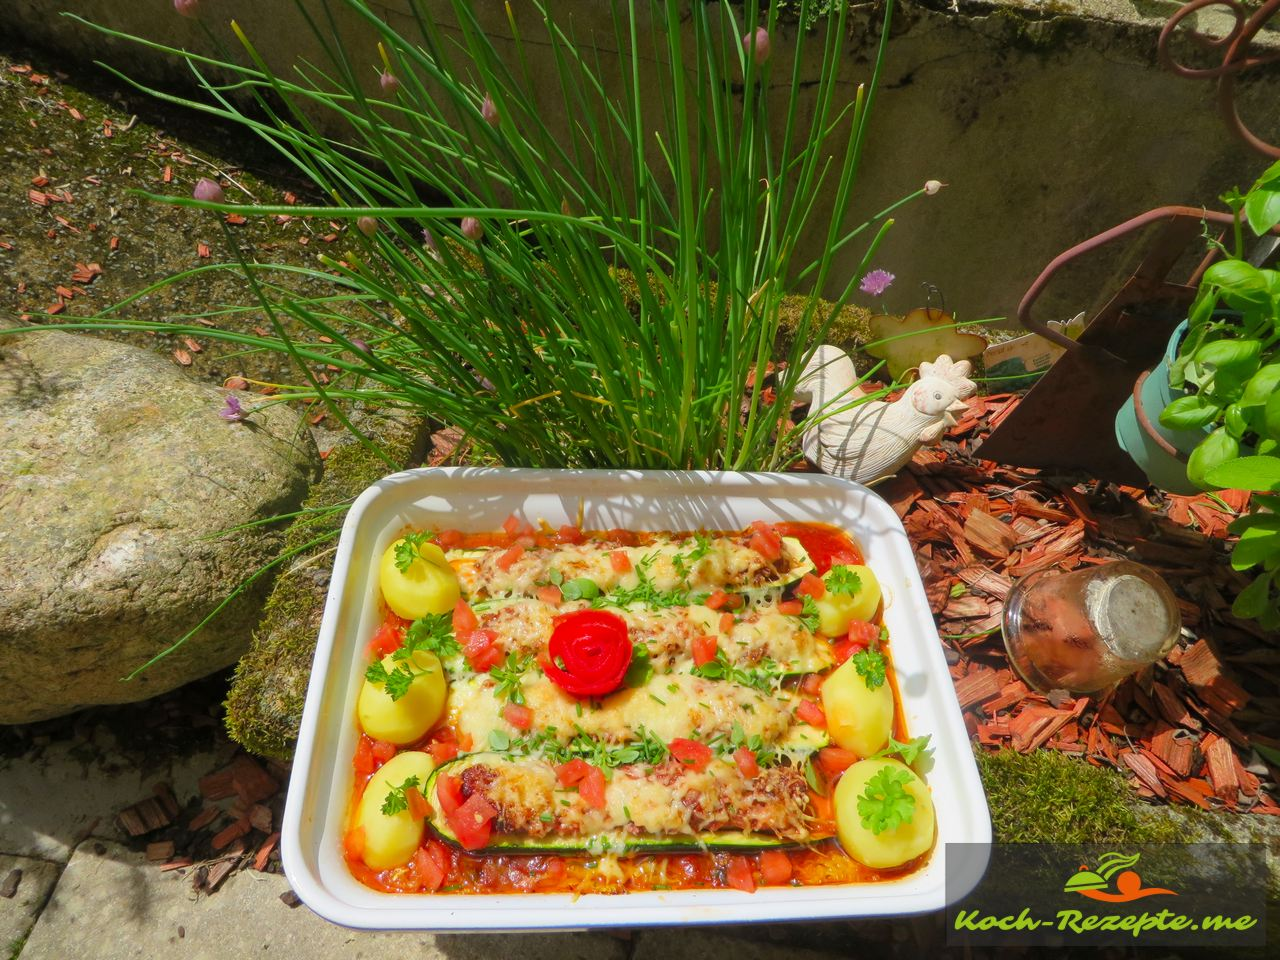 Ein Traum gefüllte Zucchini überbacken auf Paprikagemüse, Rezept mit französischer Bratwurst.